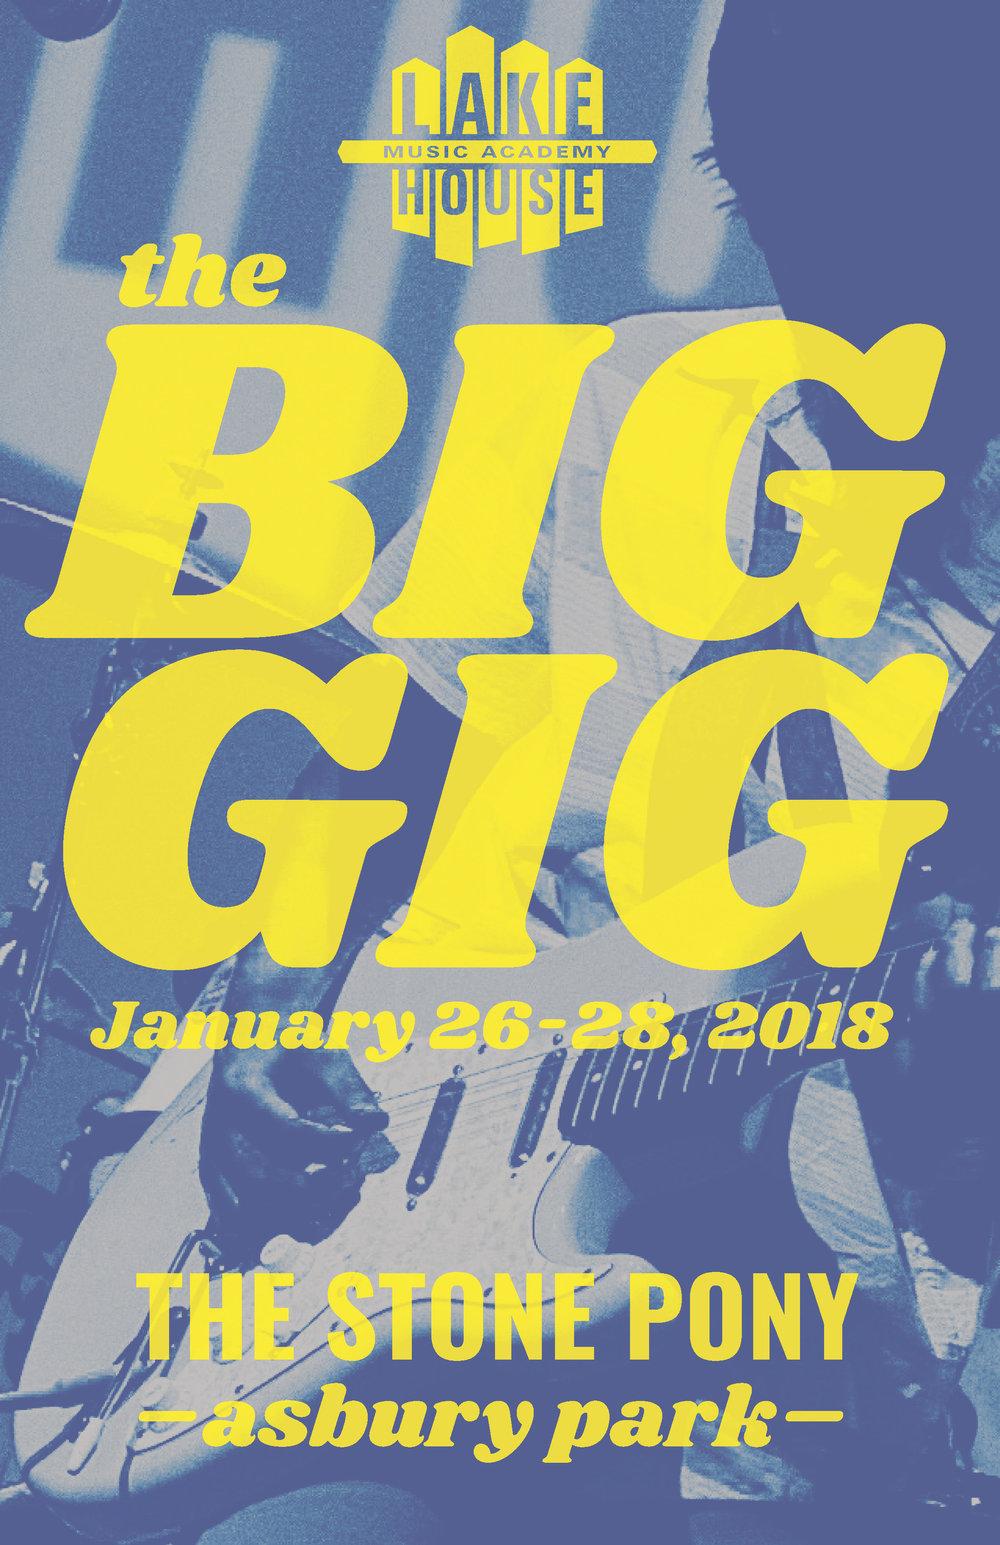 biggig_jan2018_poster_ups.jpg